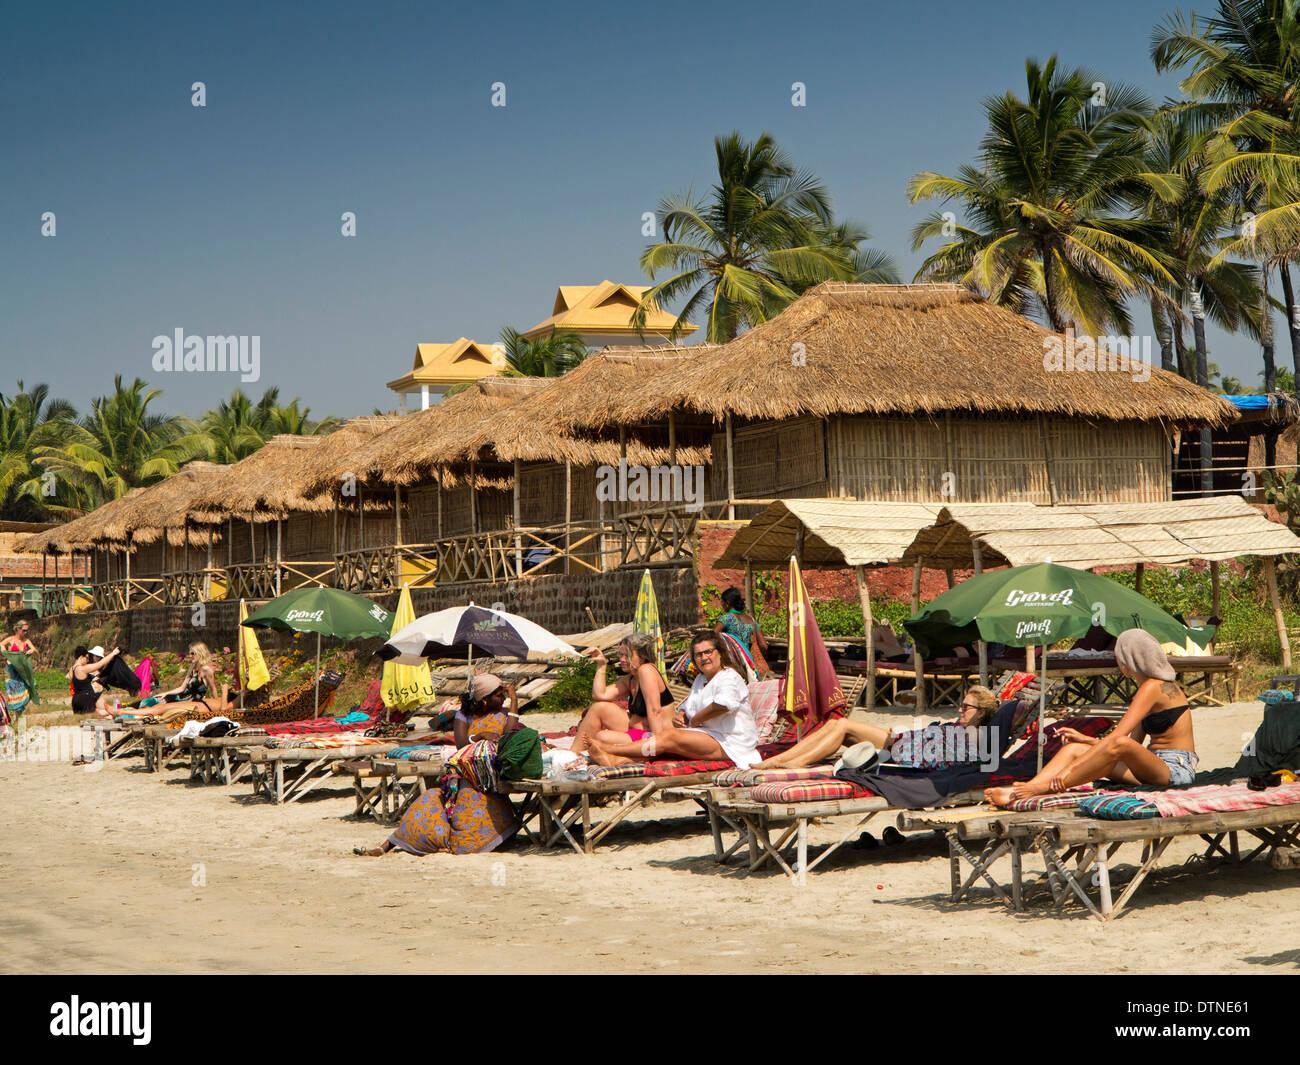 Пляж Мандрем: лучшие советы перед посещением - TripAdvisor 96